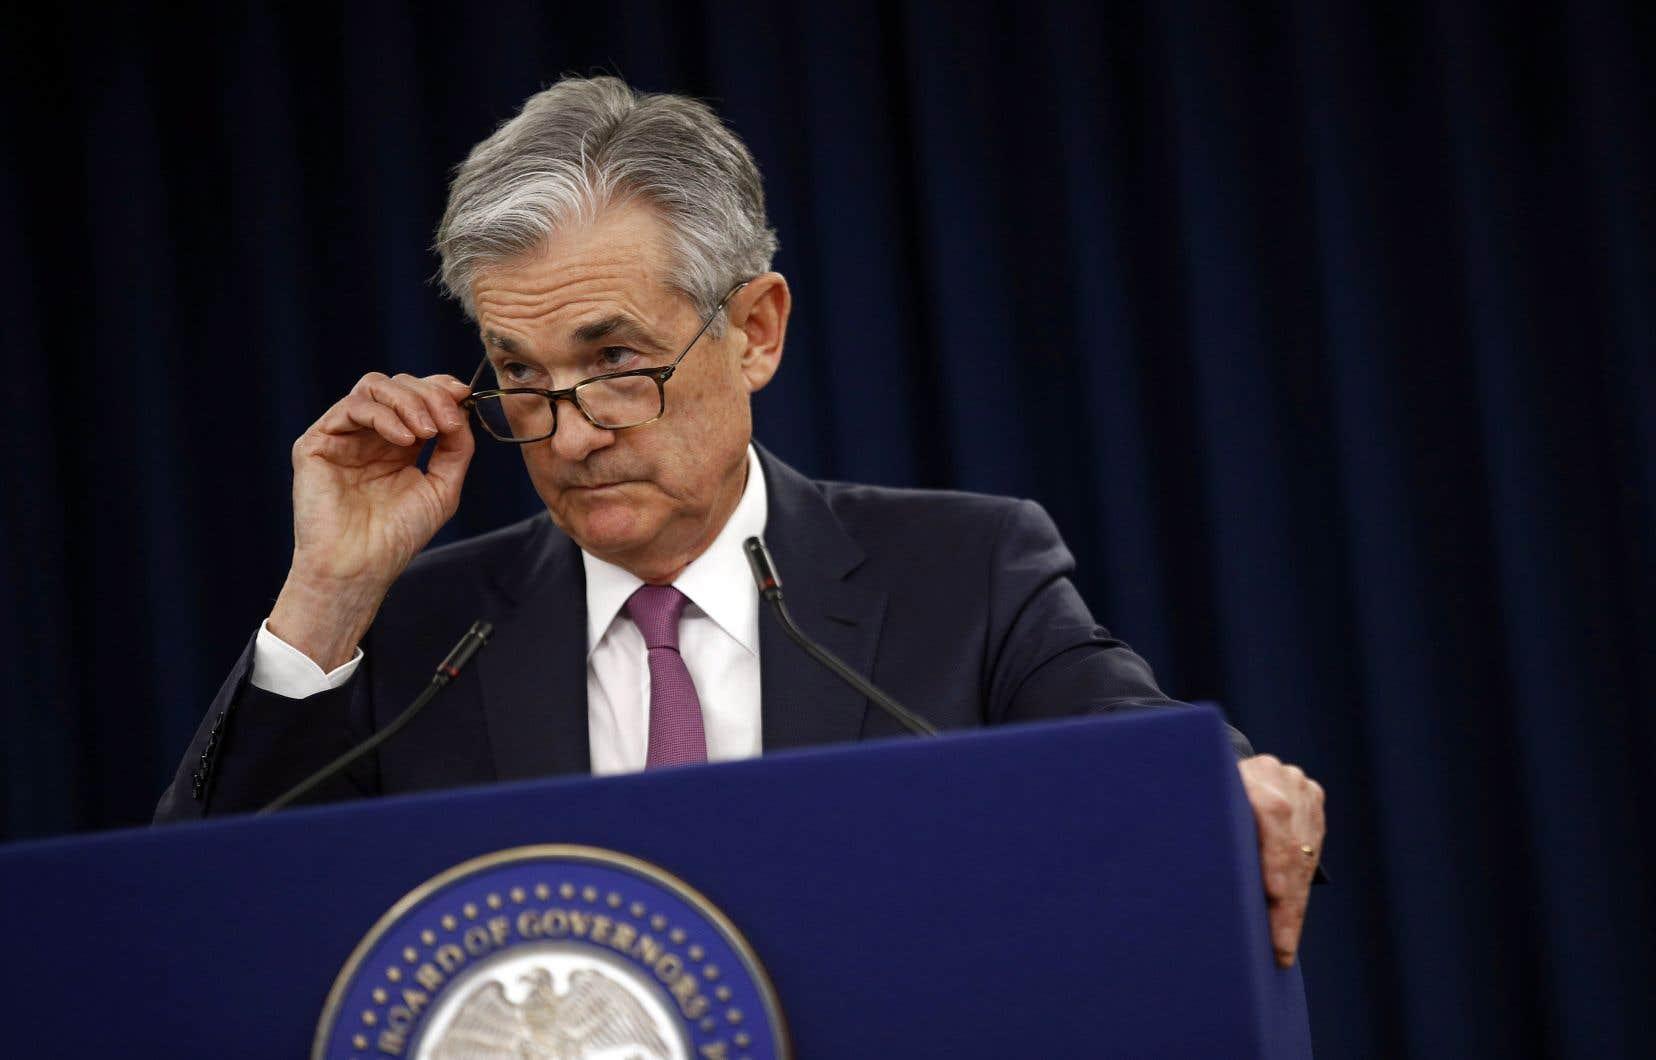 Le président de la Fed, Jerome Powell, estime que le salaire moyen des travailleurs n'augmente pas assez vite pour faire accélérer la faible inflation, même avec un taux de chômage près de son niveau le plus bas en cinq ans.